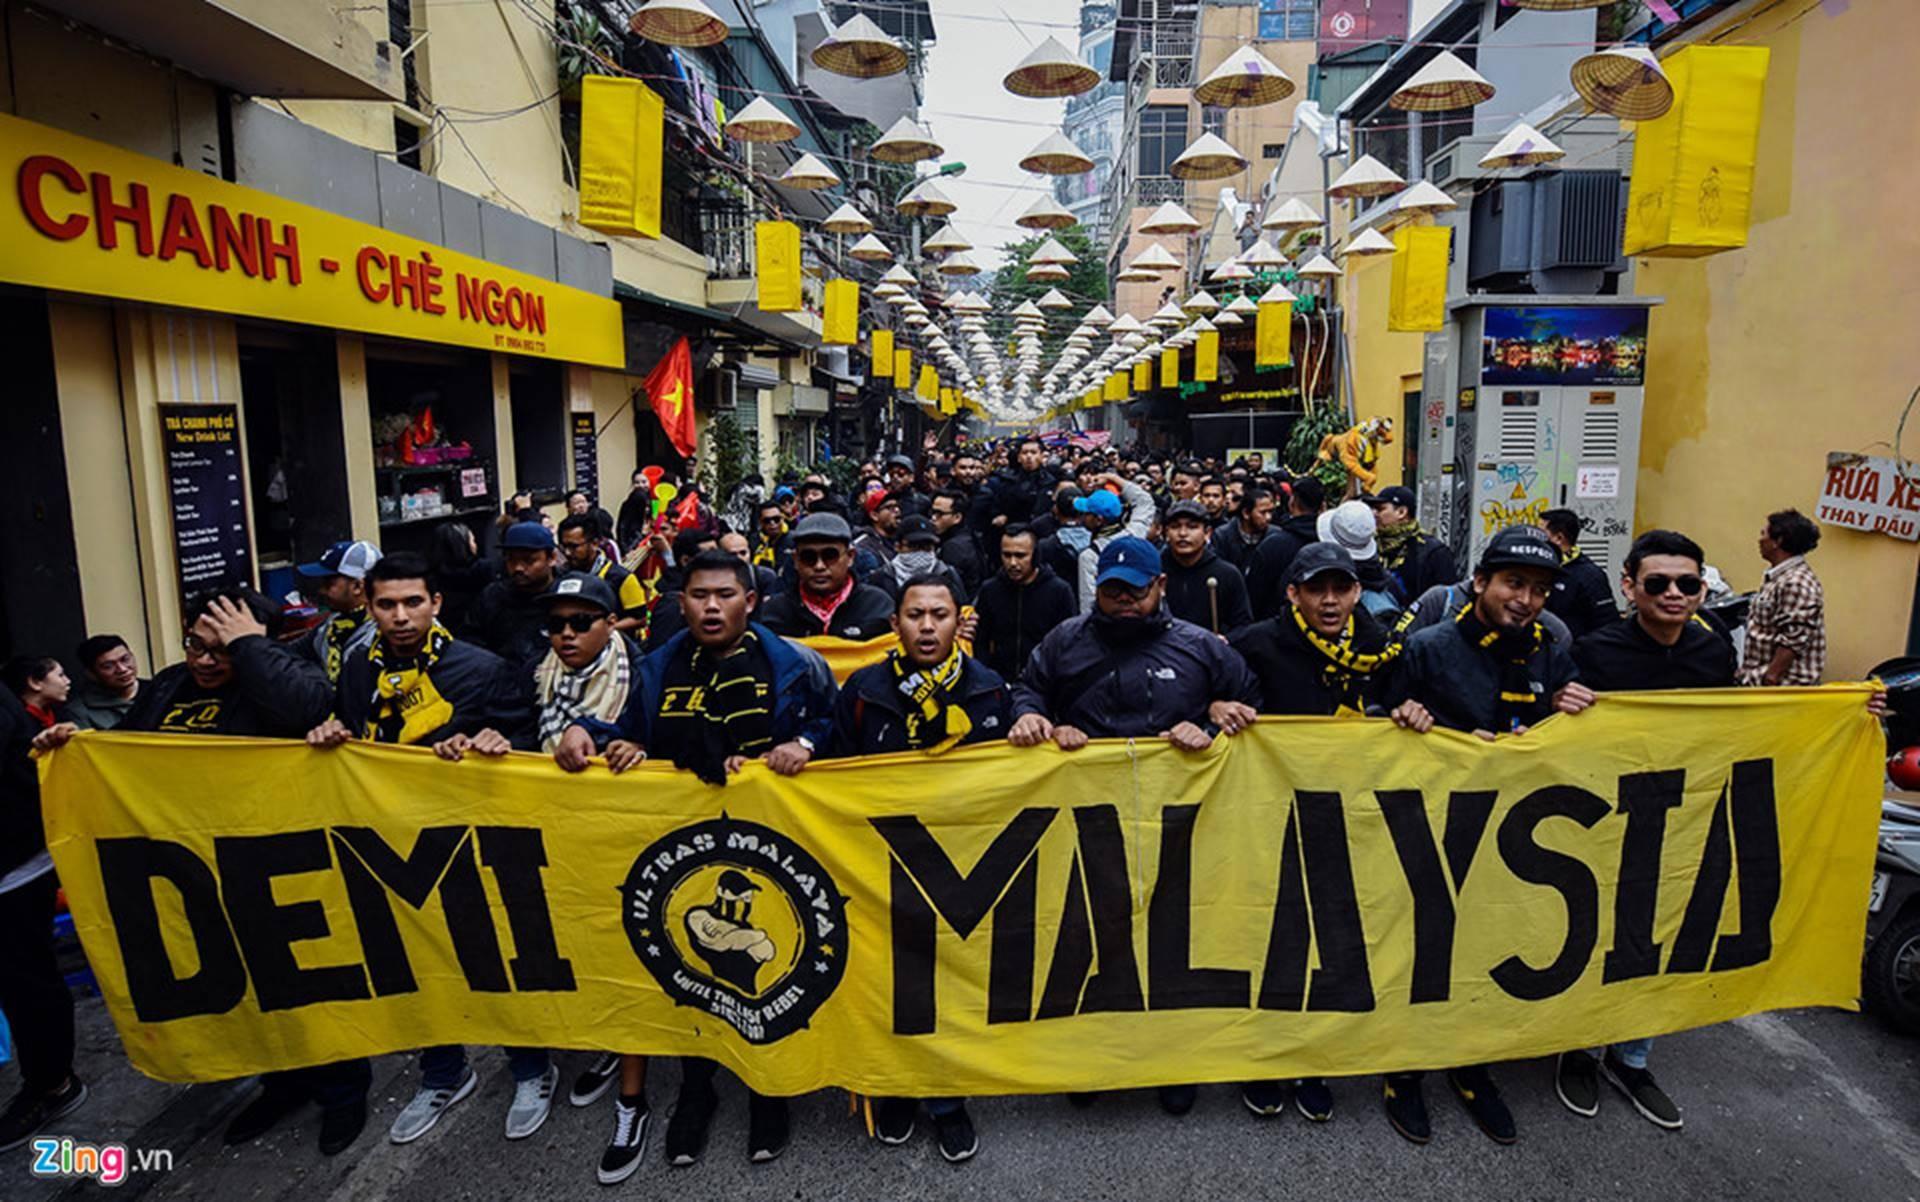 CĐV Malaysia náo loạn phố cổ Hà Nội trước trận chung kết-2